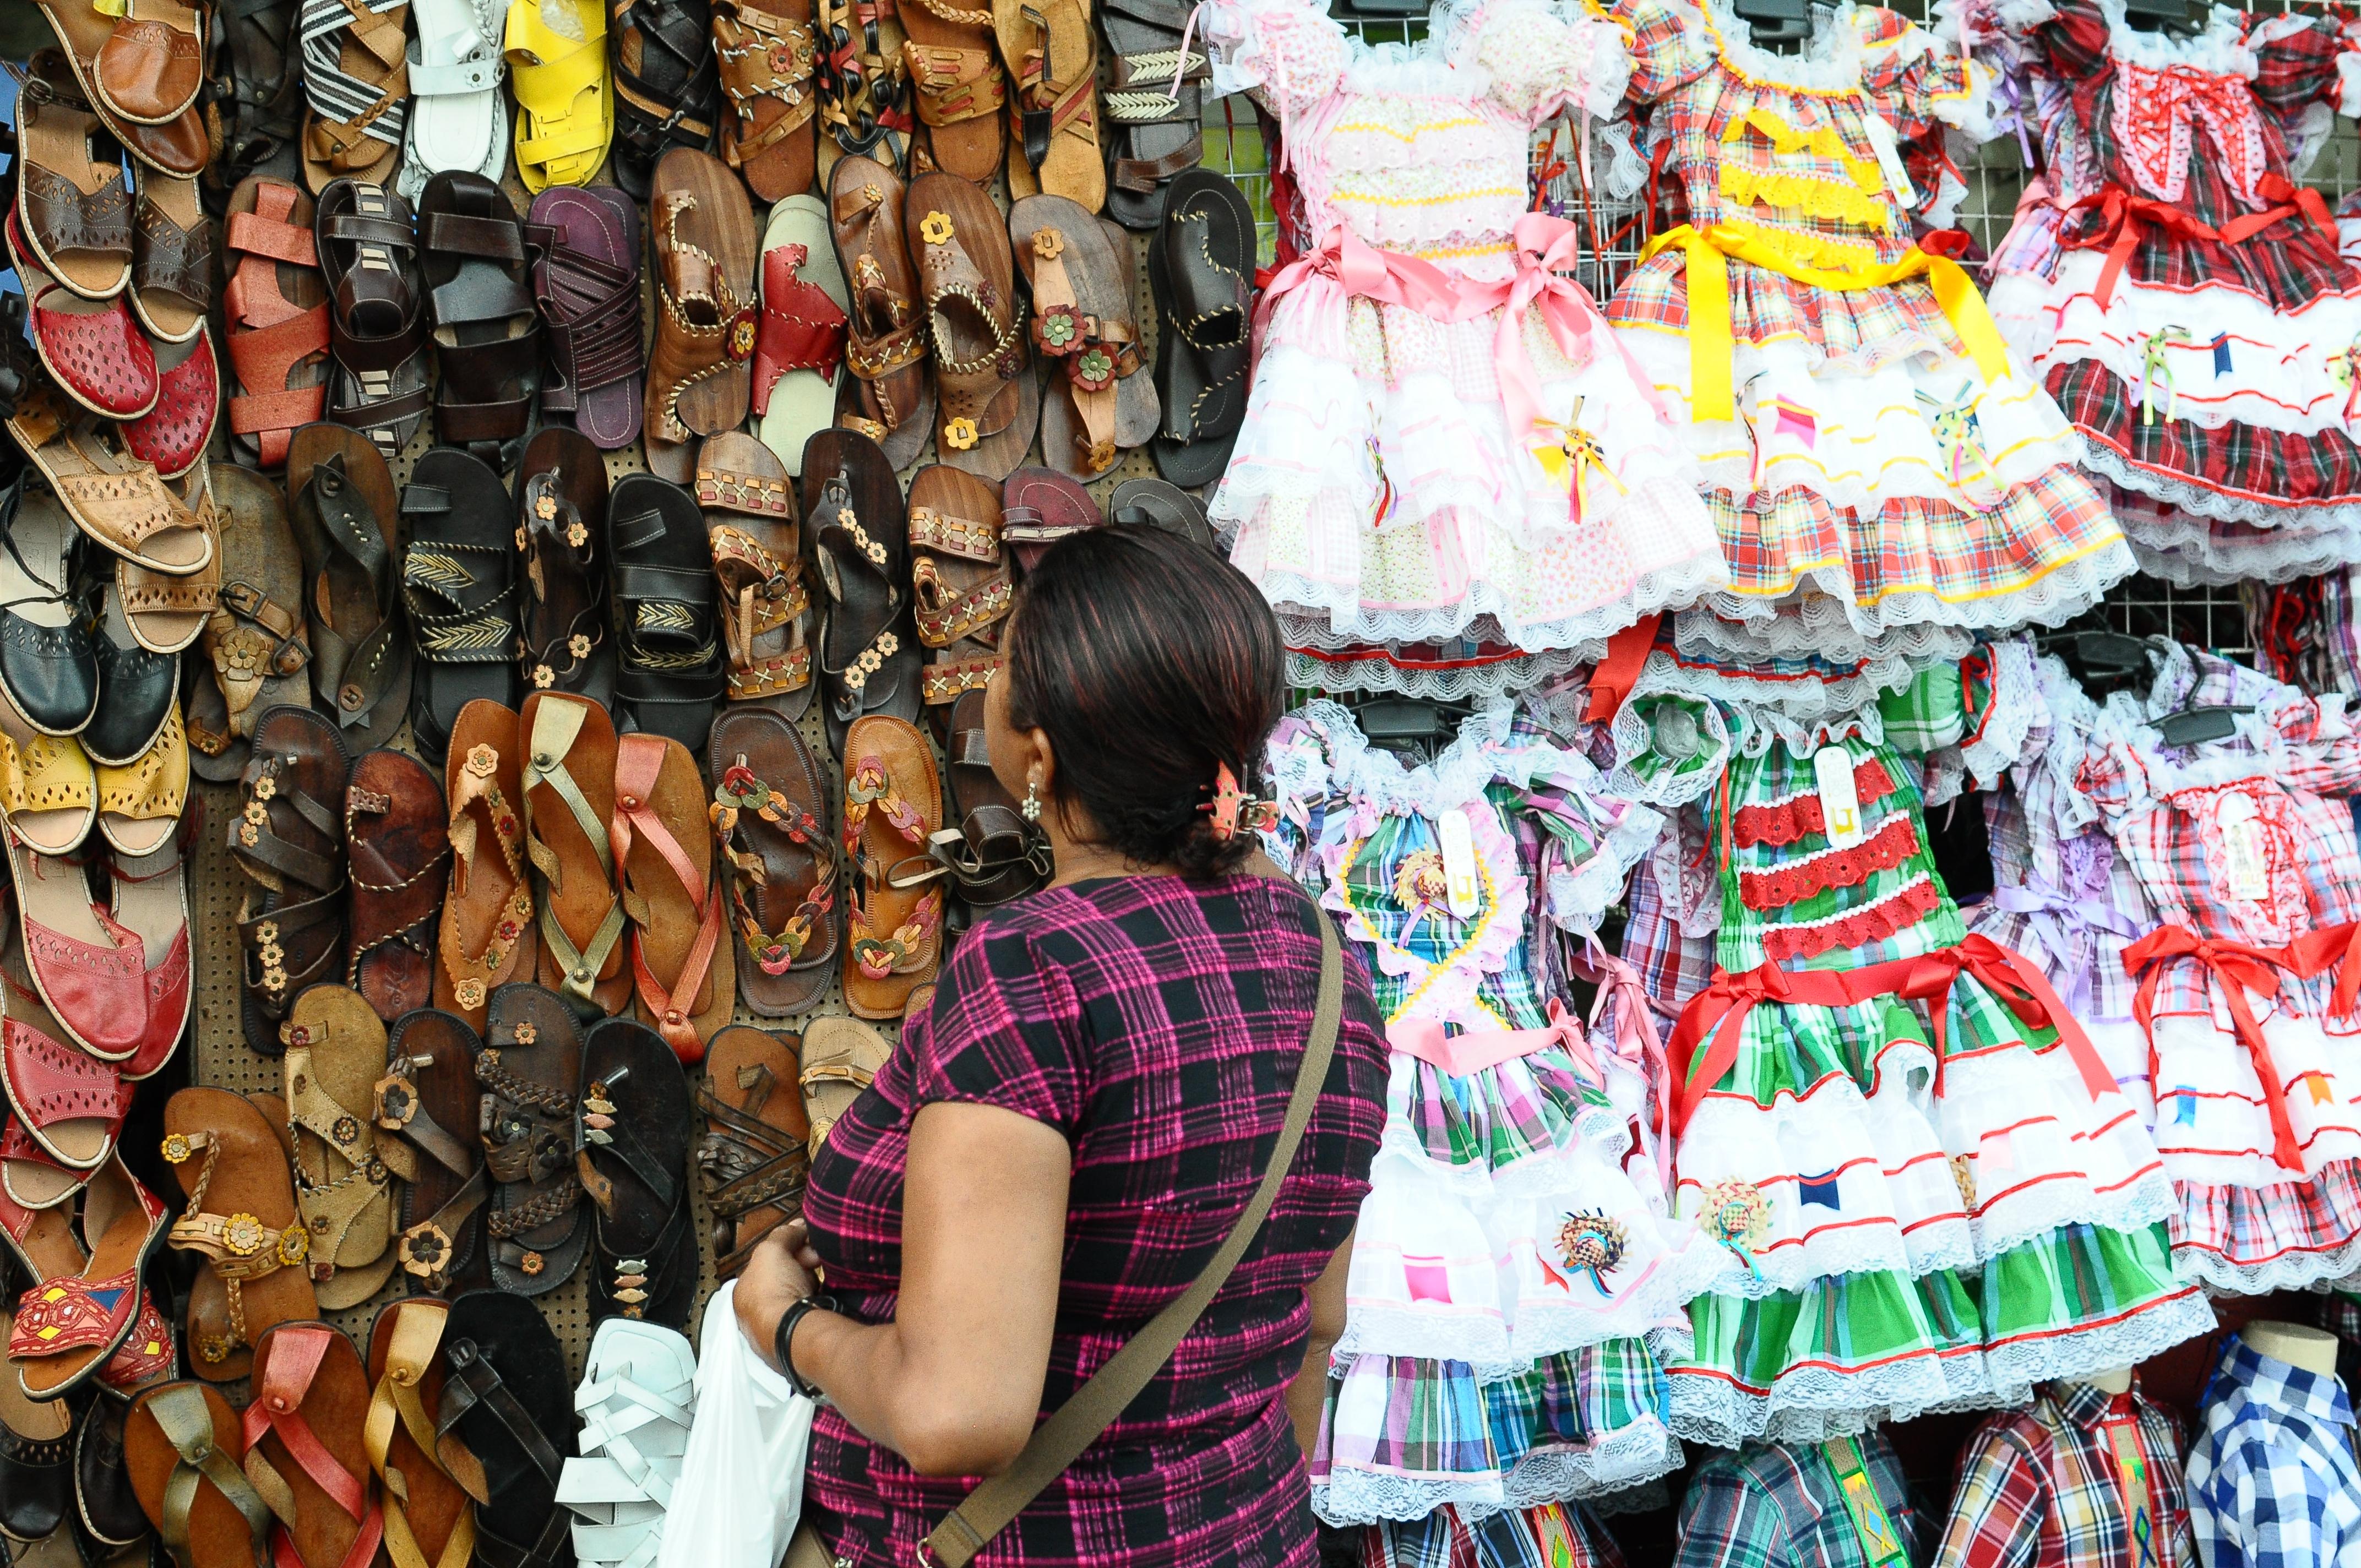 Segmento de vestuário é um dos que sentem o incremento nas vendas. Foto: Joao Velozo/ Esp. DP/Arquivo